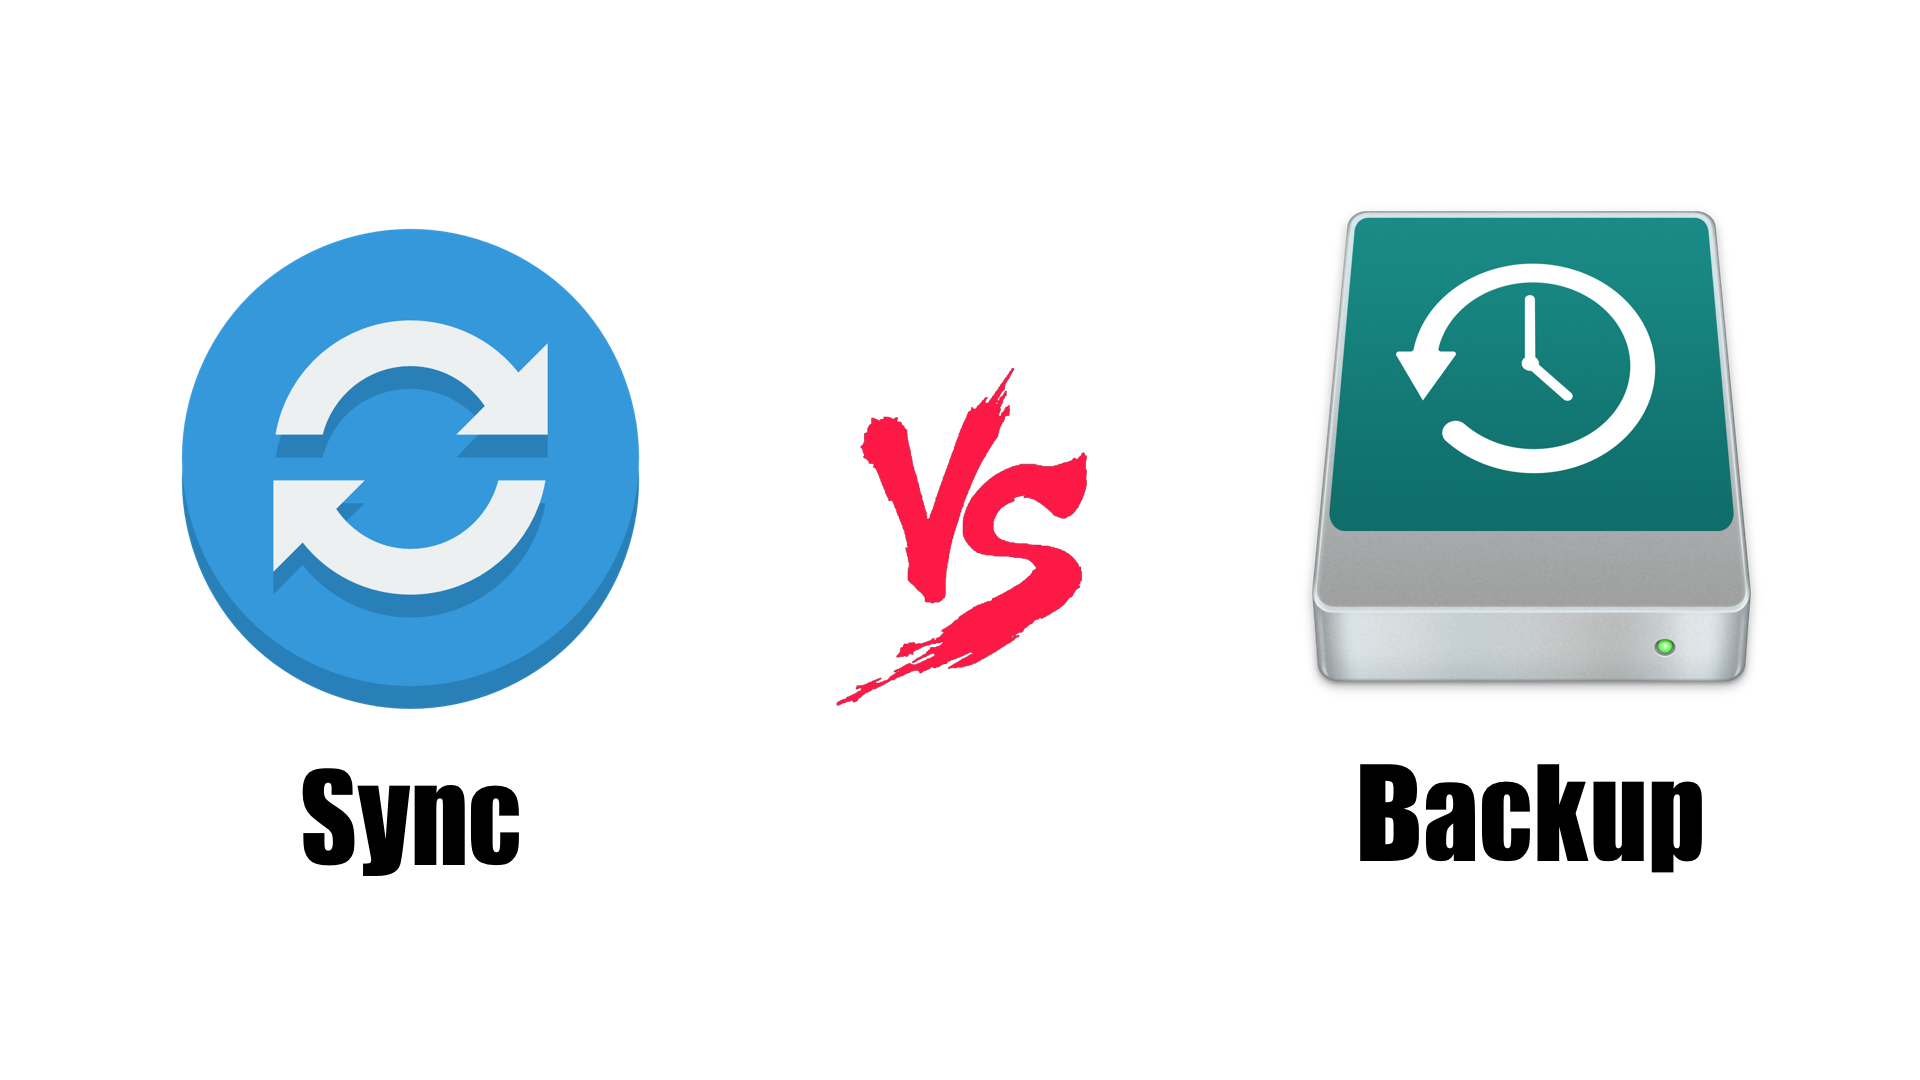 มือใหม่หัดใช้ QNAP NAS: Sync vs Backup เออ มันต่างกันยังไง? 1